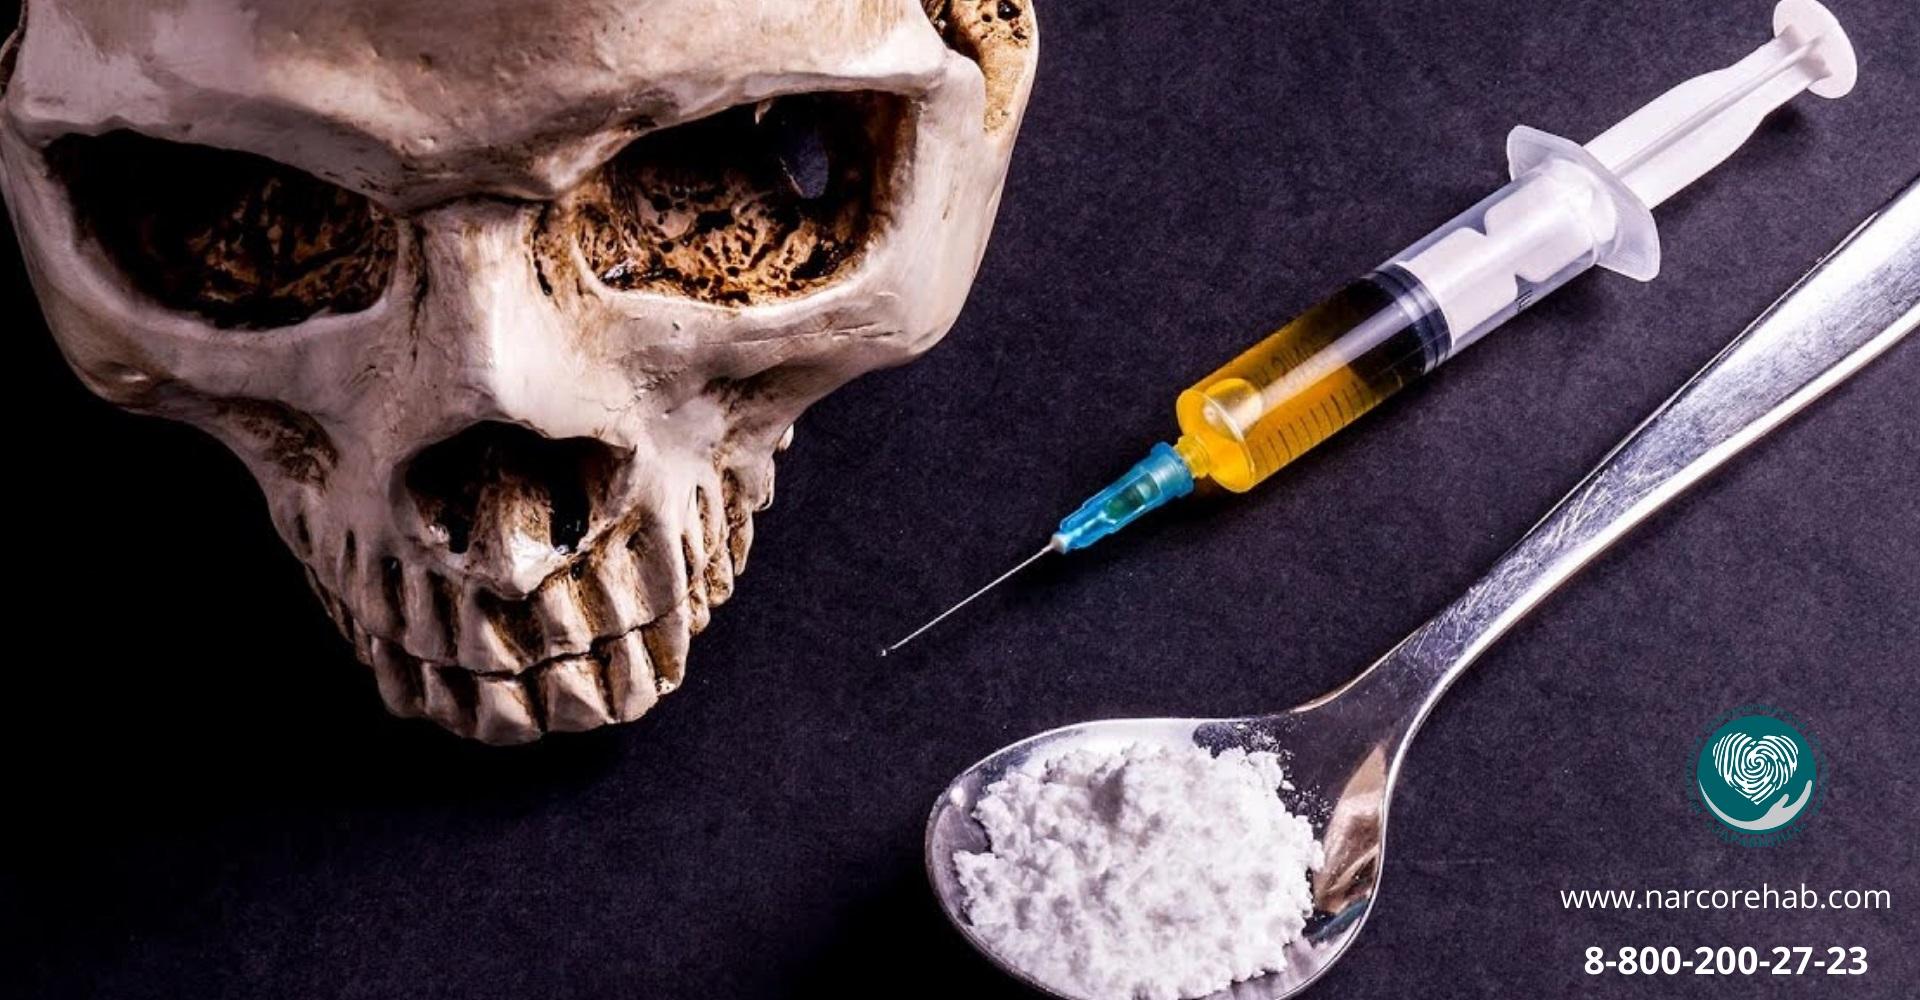 Передозировка наркотиками: симптомы, последствия, лечение